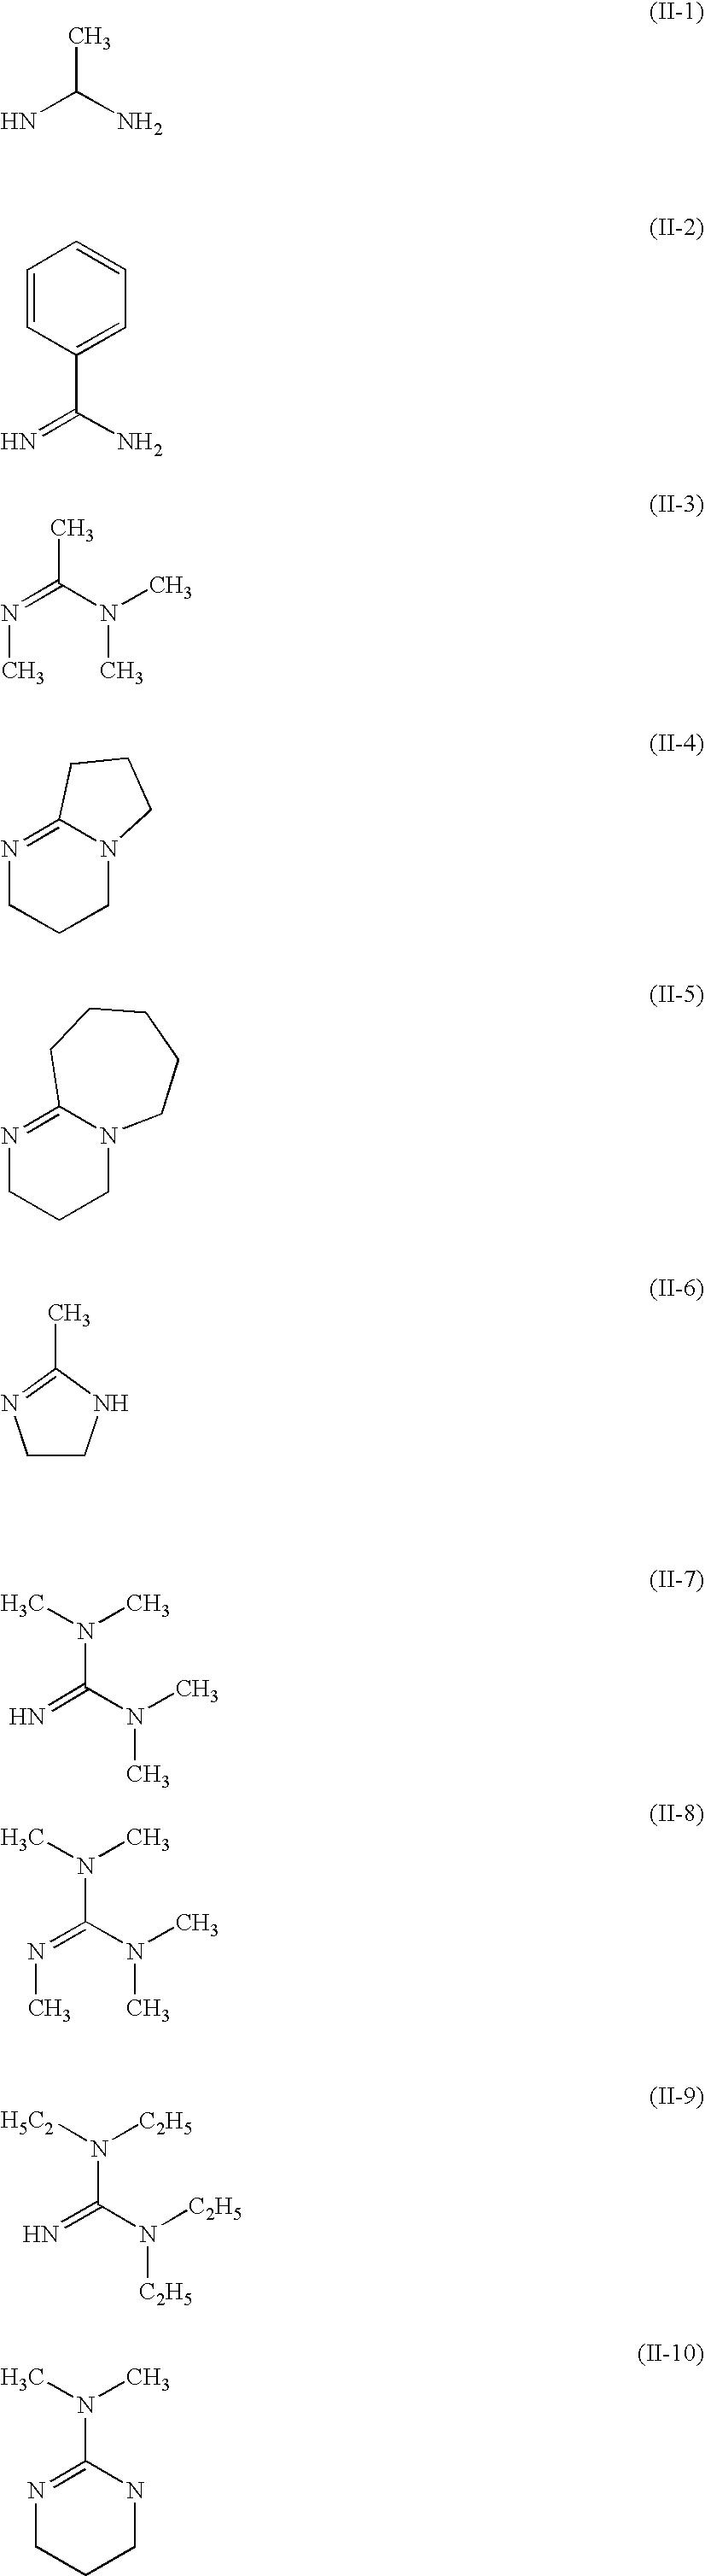 Figure US20060204732A1-20060914-C00016